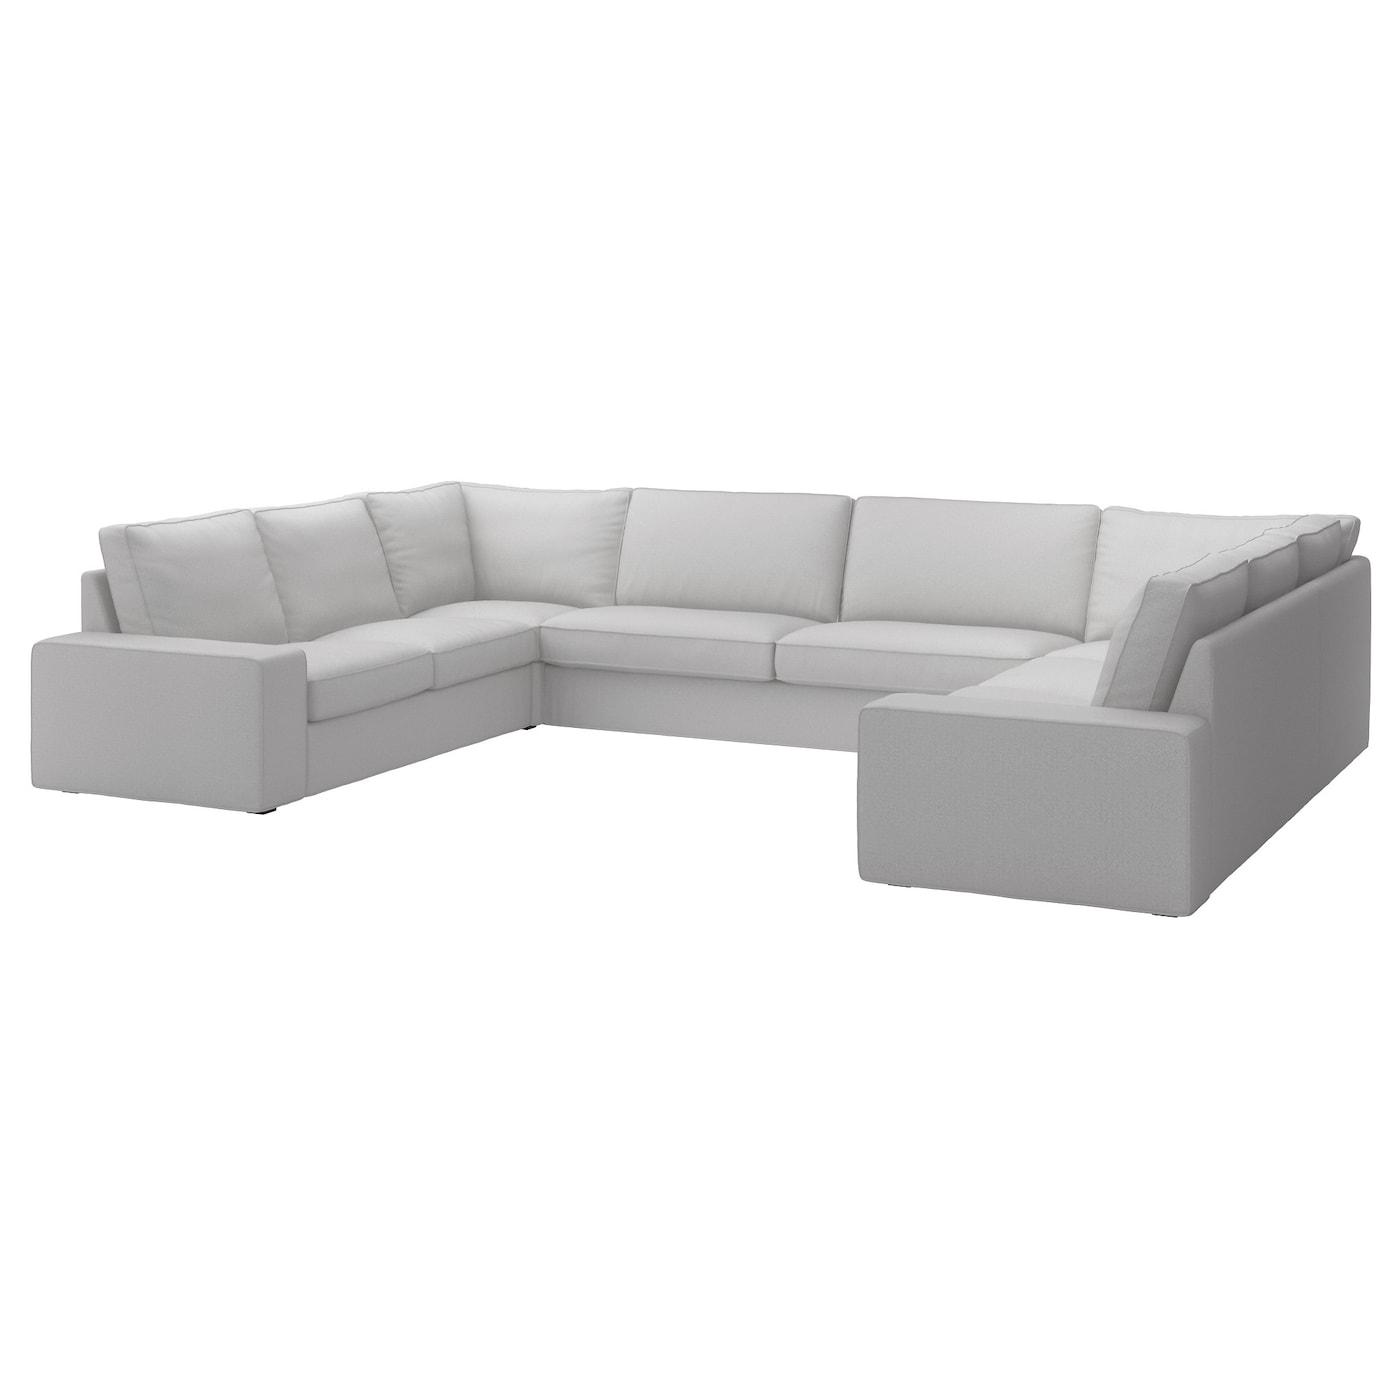 IKEA KIVIK jasnoszara, dziewięcioosobowa sofa w kształcie litery